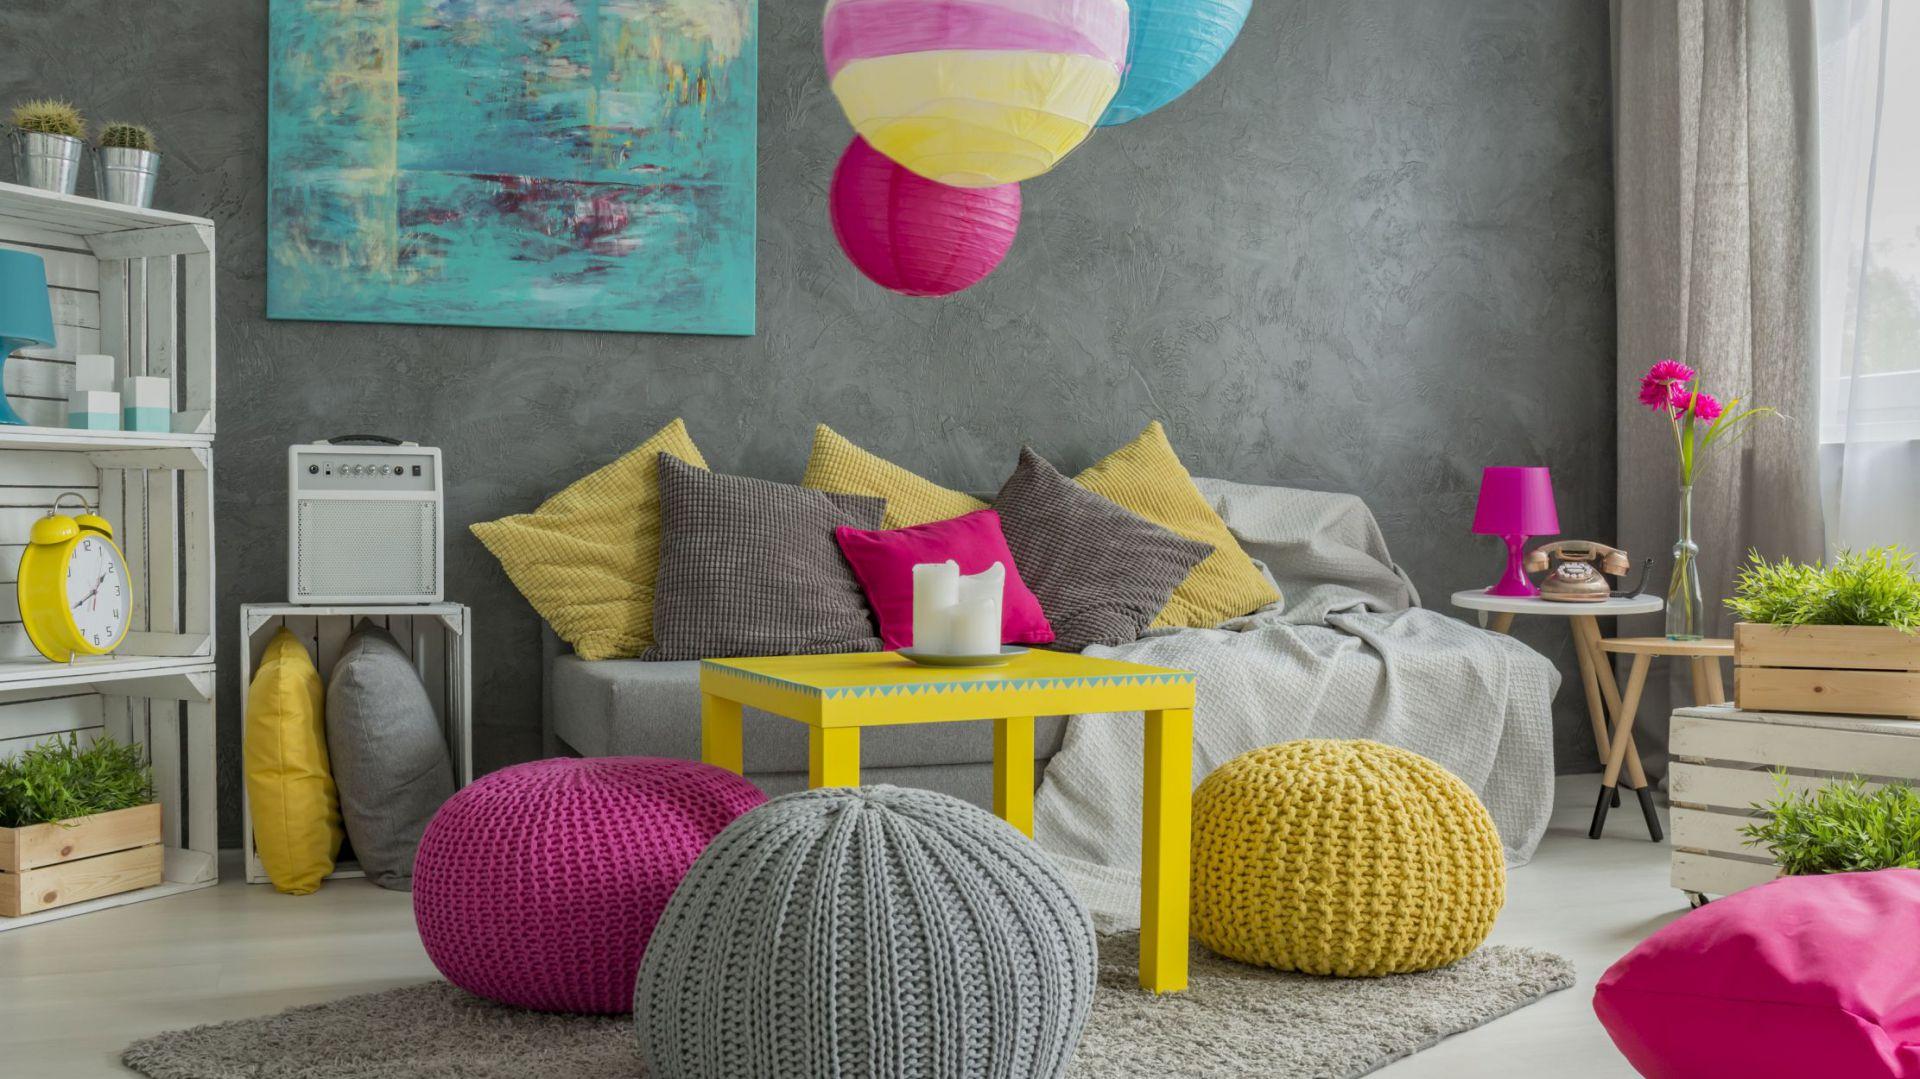 Żółty do wnętrza można wprowadzić za pomocą mebli i dodatków. Fot. Franc Gardiner